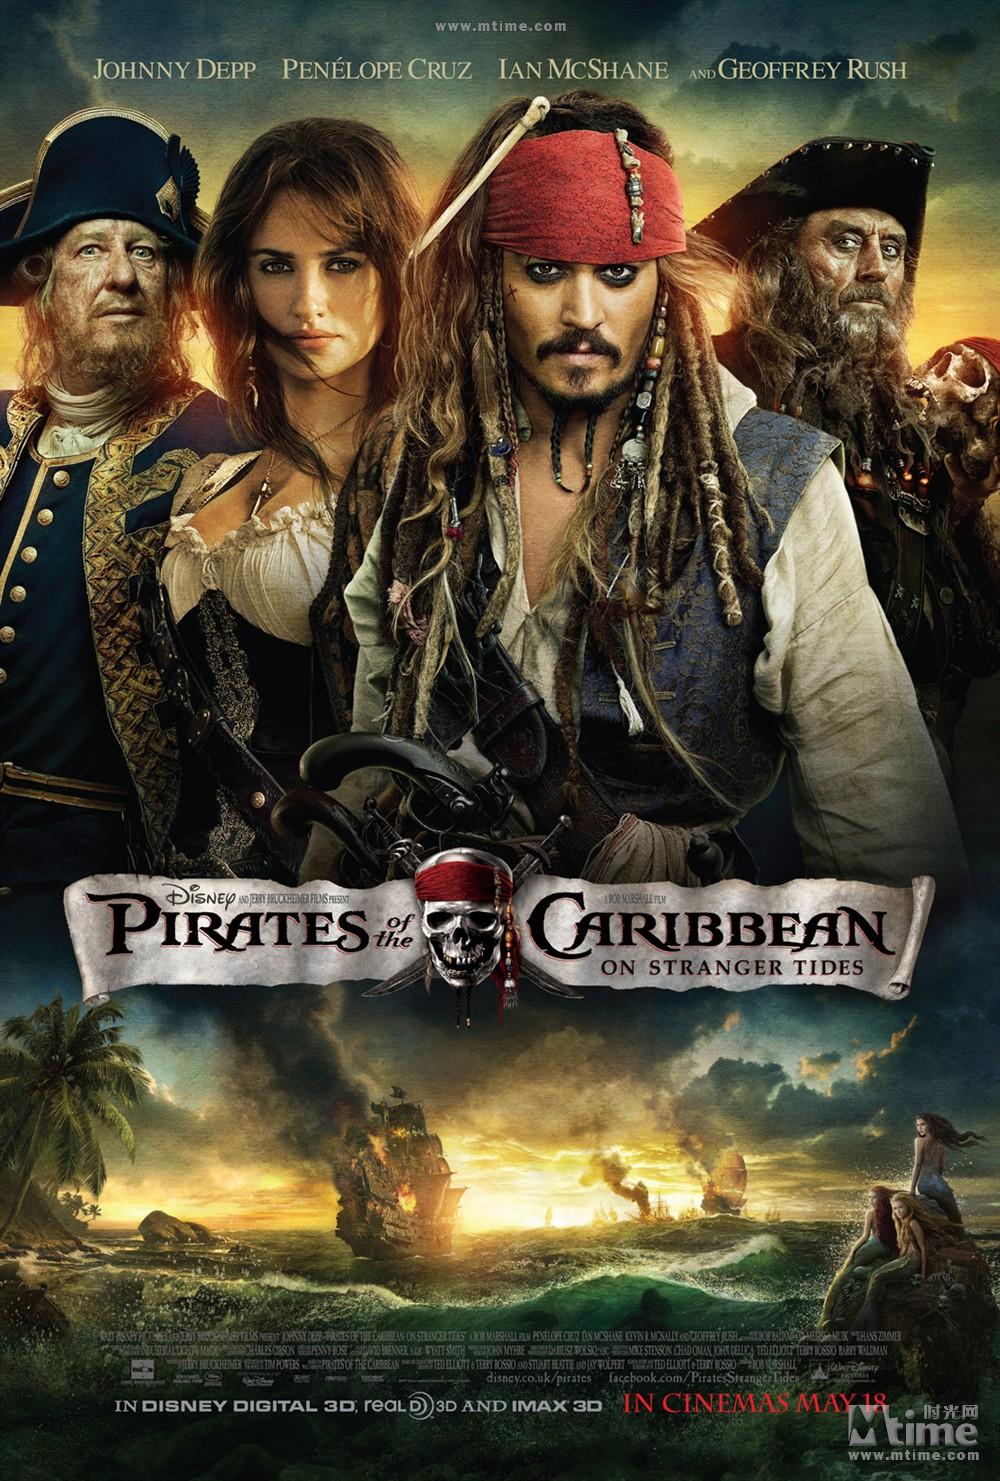 加勒比海盗4:惊涛怪浪[mp4]